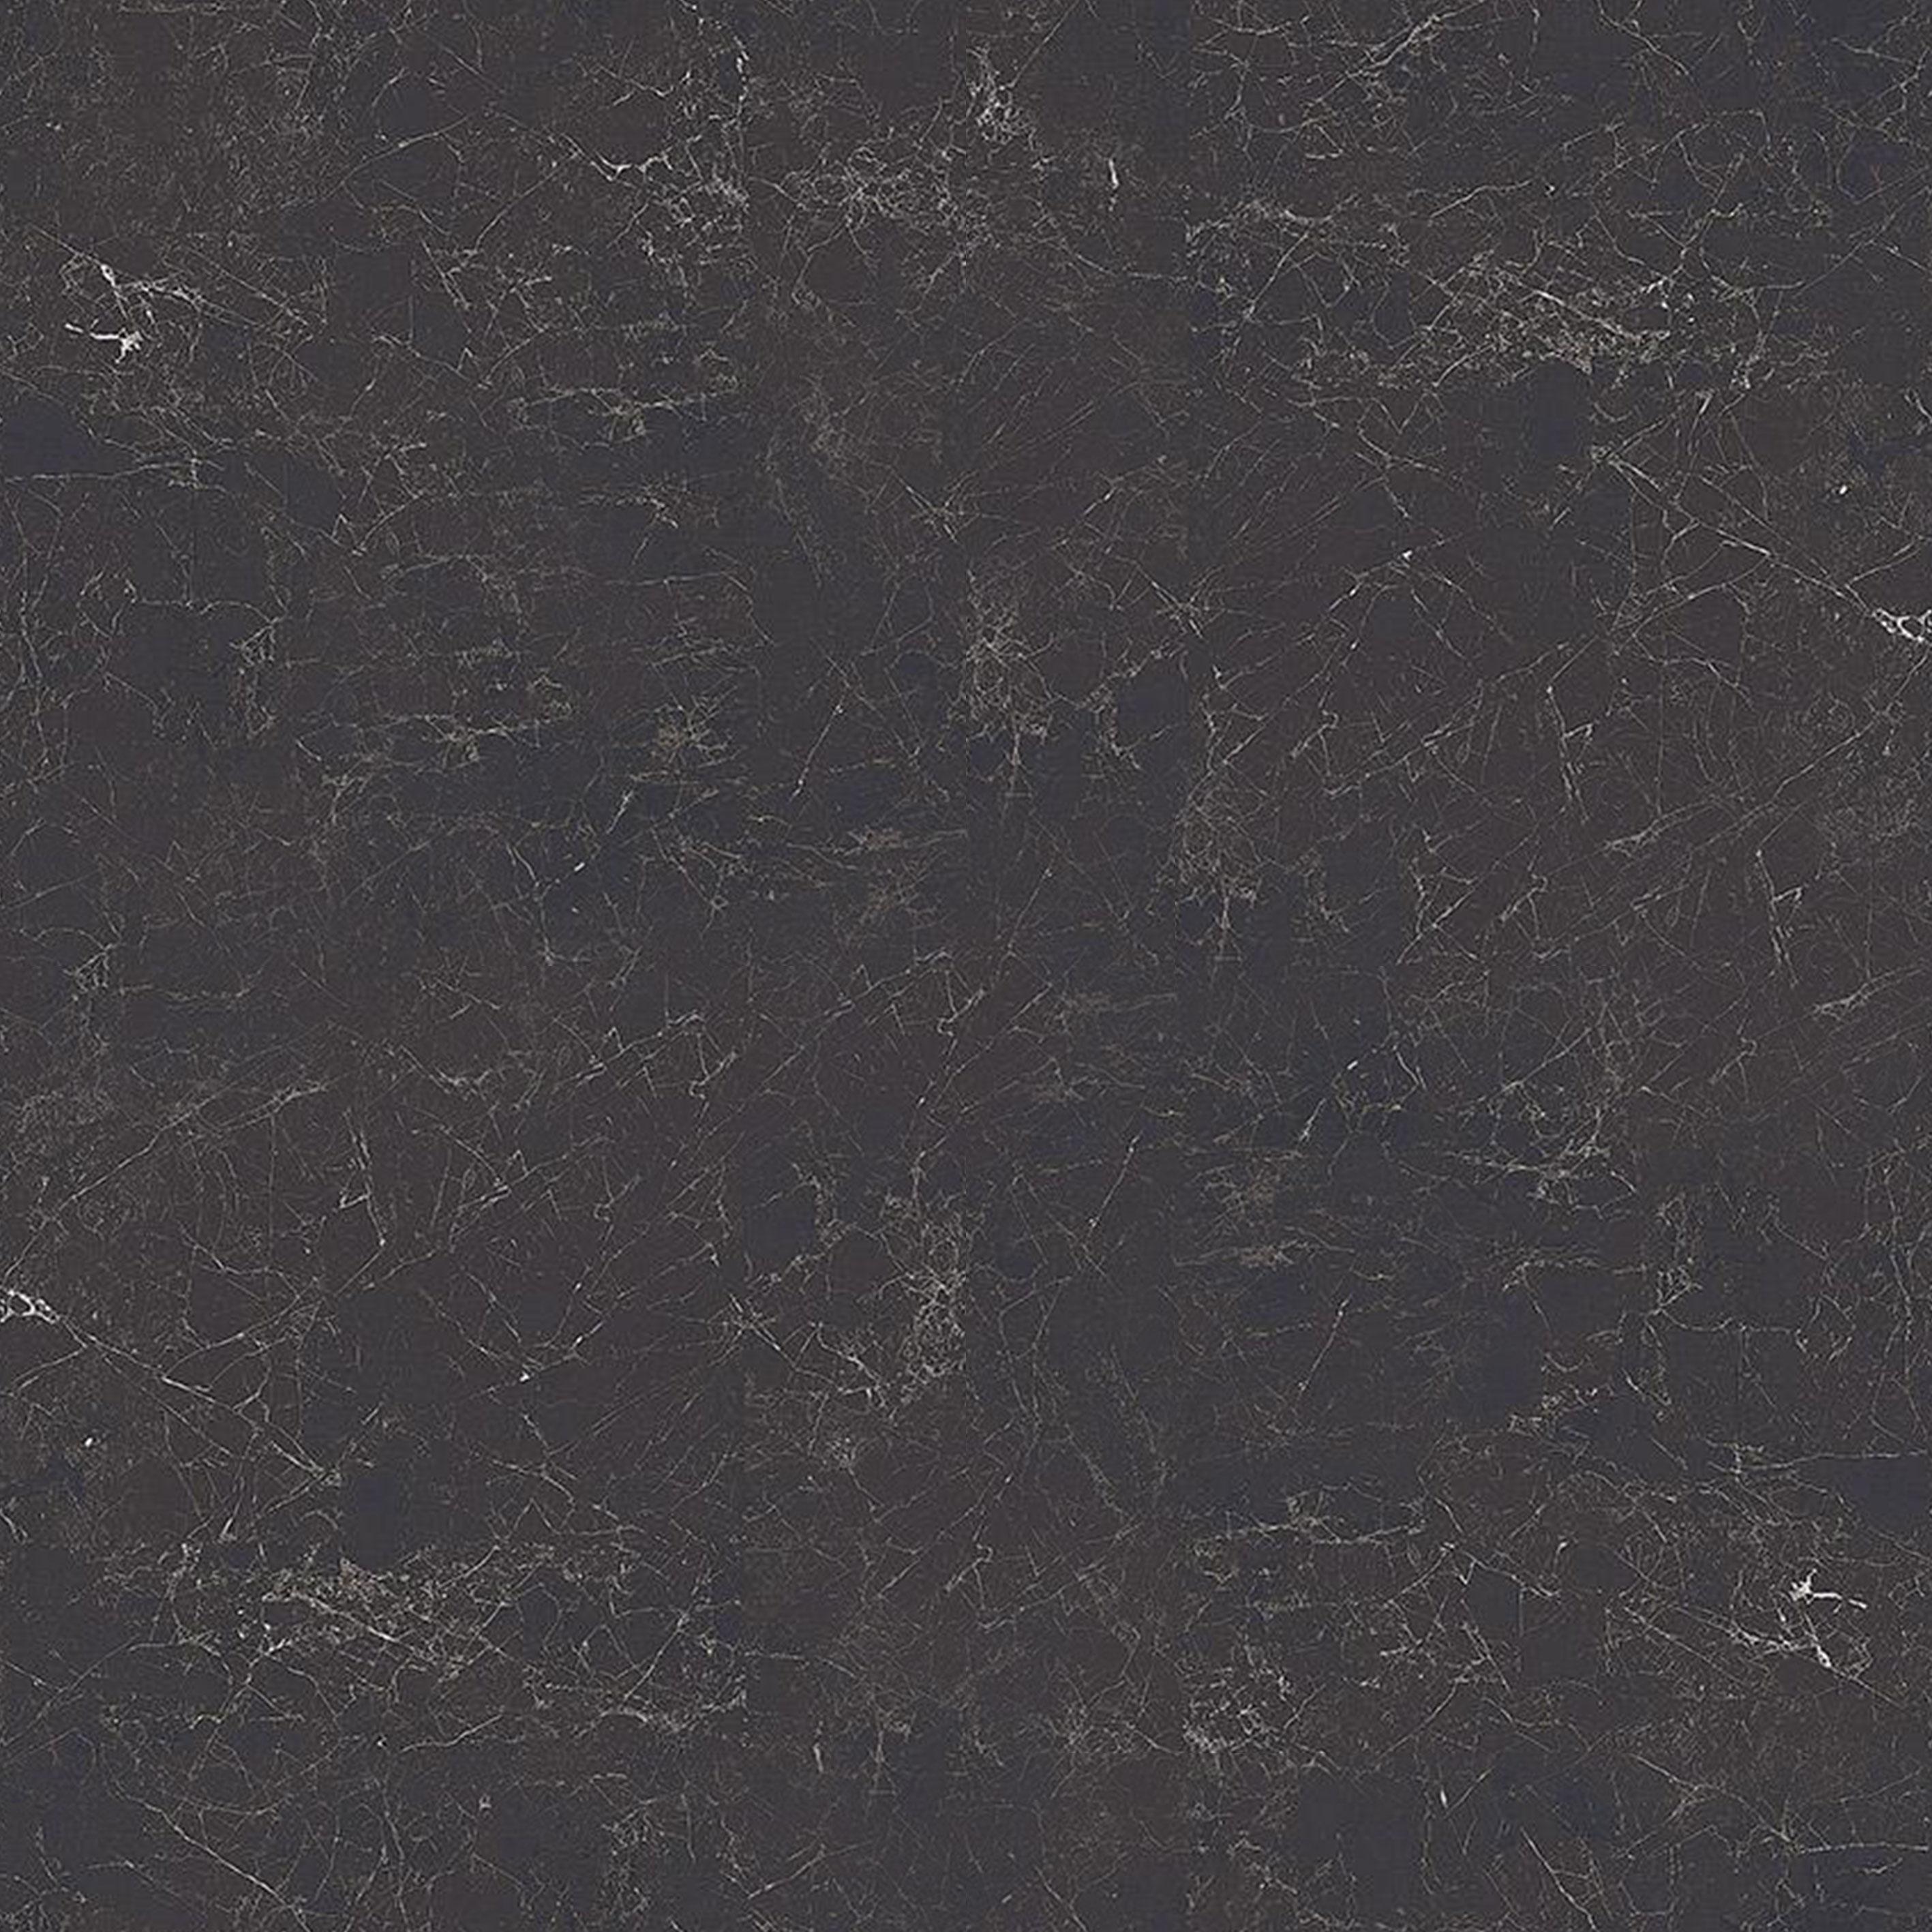 GS50 Cava nero greco